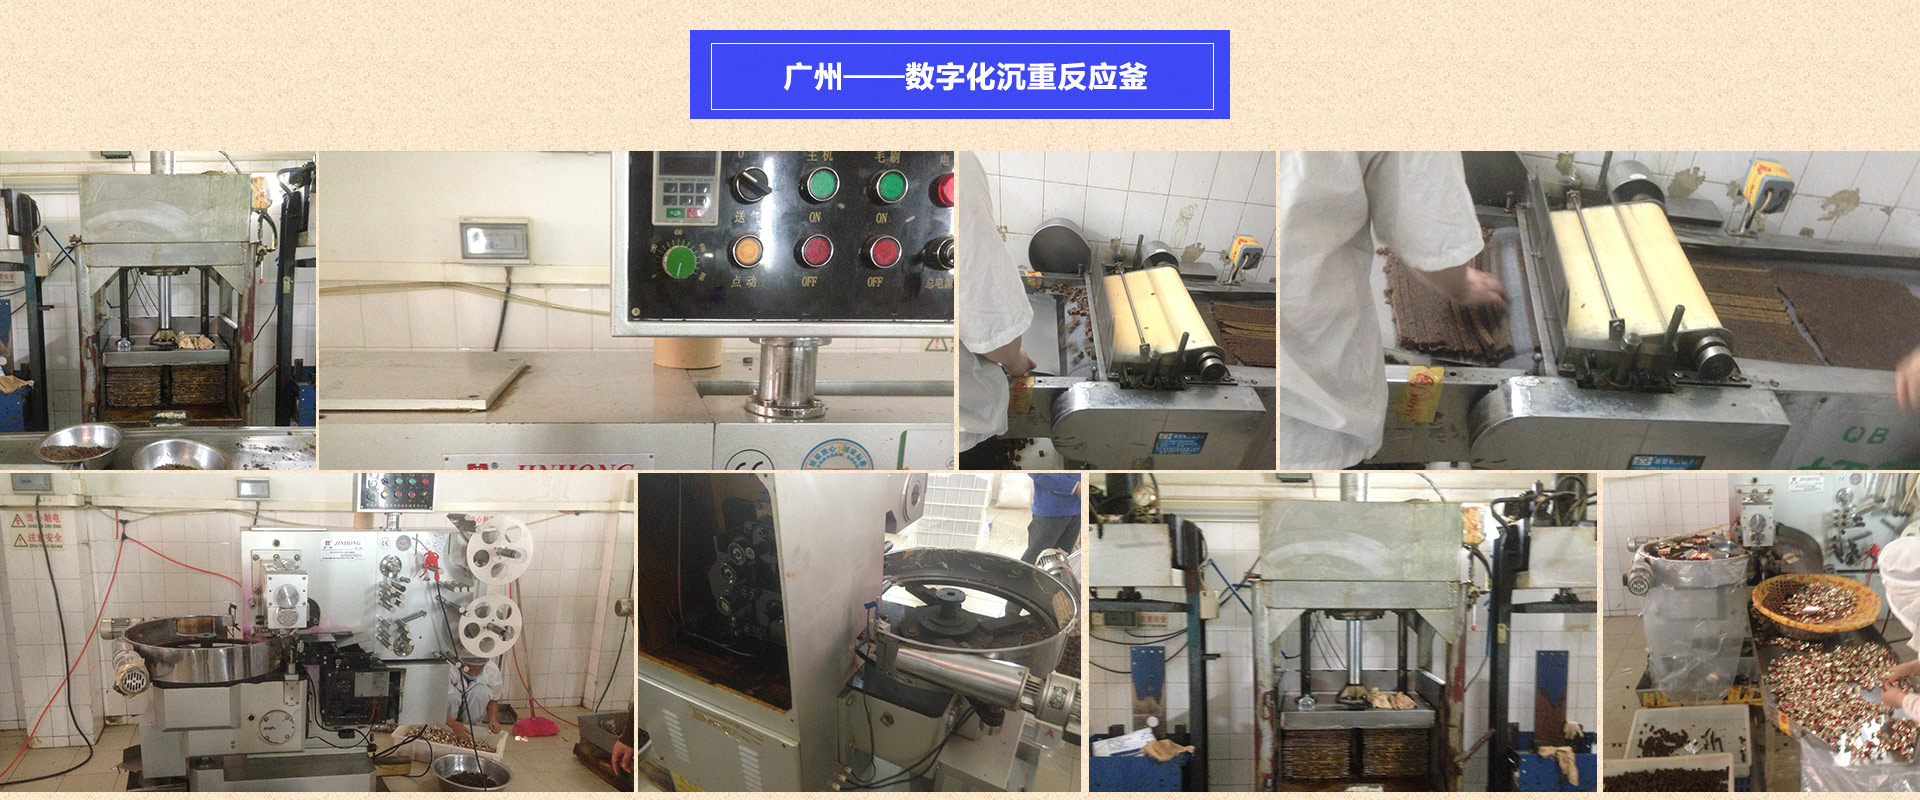 广州从化——牛肉糖加工1